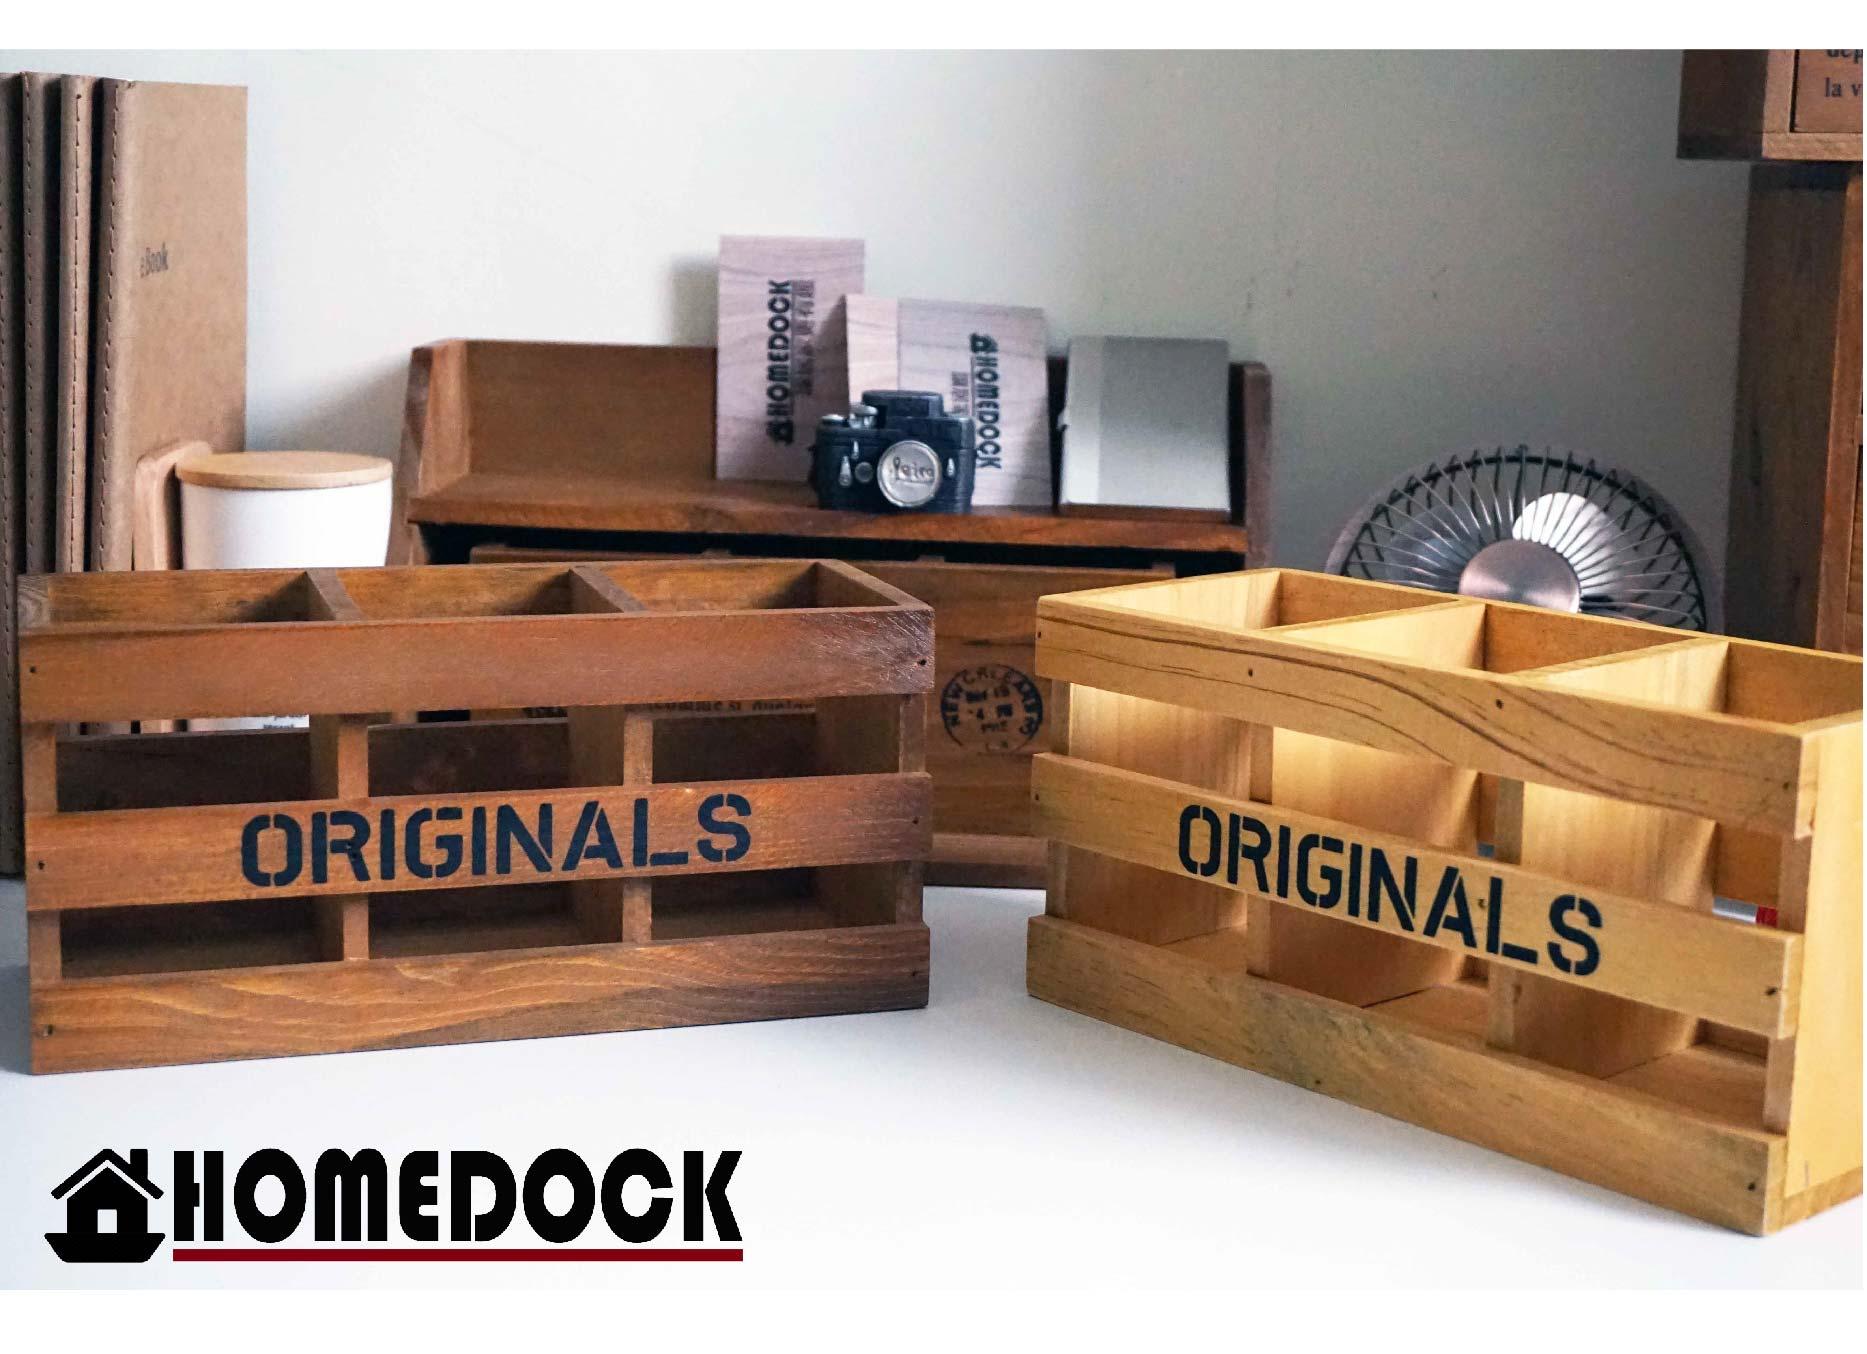 HOMEDOCK-長方書桌收納盒 /木櫃/置物櫃/Zakka/雜貨/原木製/層格櫃/抽屜/雙層